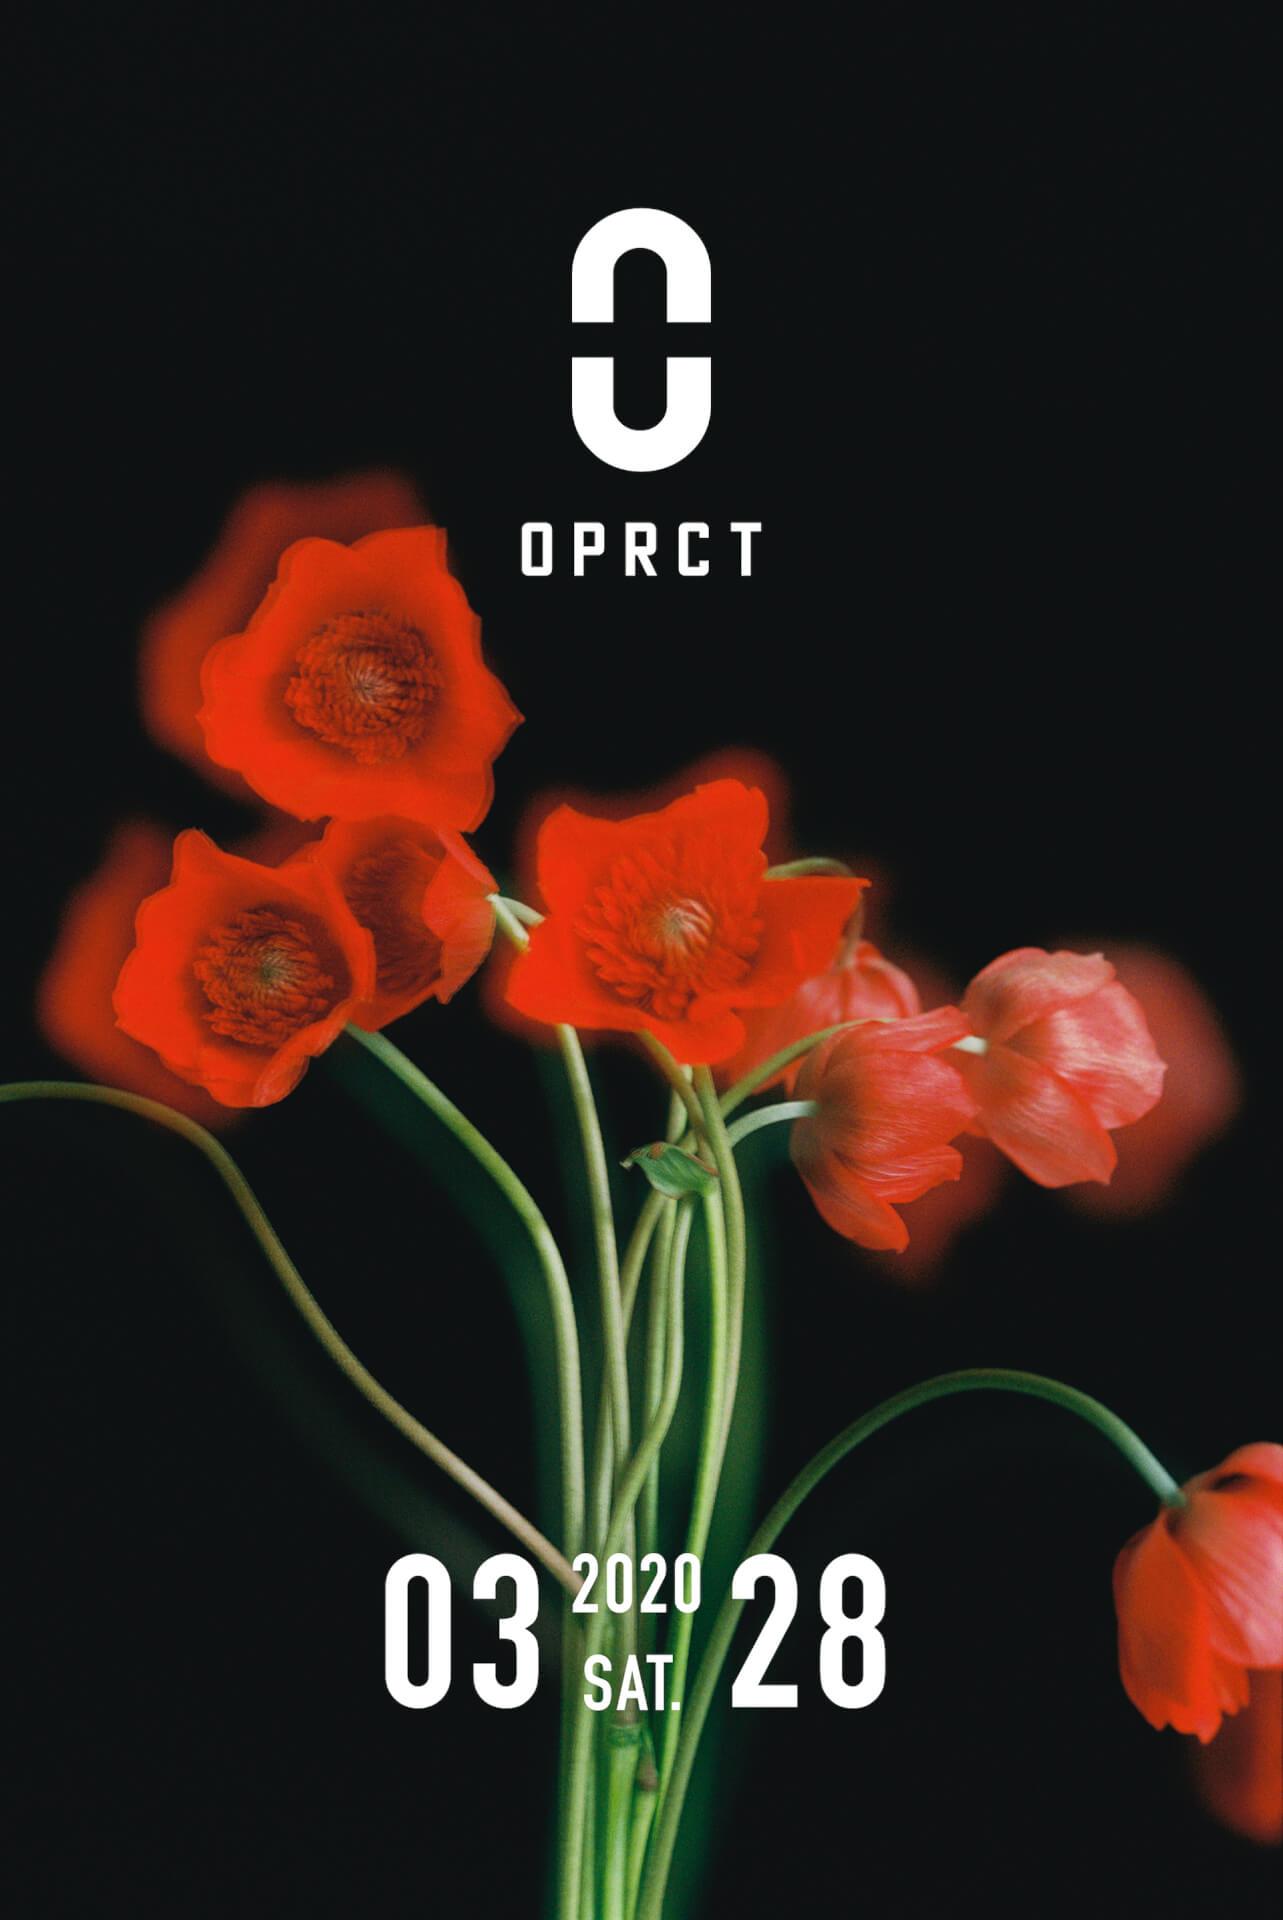 ビルまるごとカルチャーづくし!音楽、アート、ファッション、フードが一挙に集まったイベント<OPRCT>が代々木上原で開催決定 ac200221_oprct_01